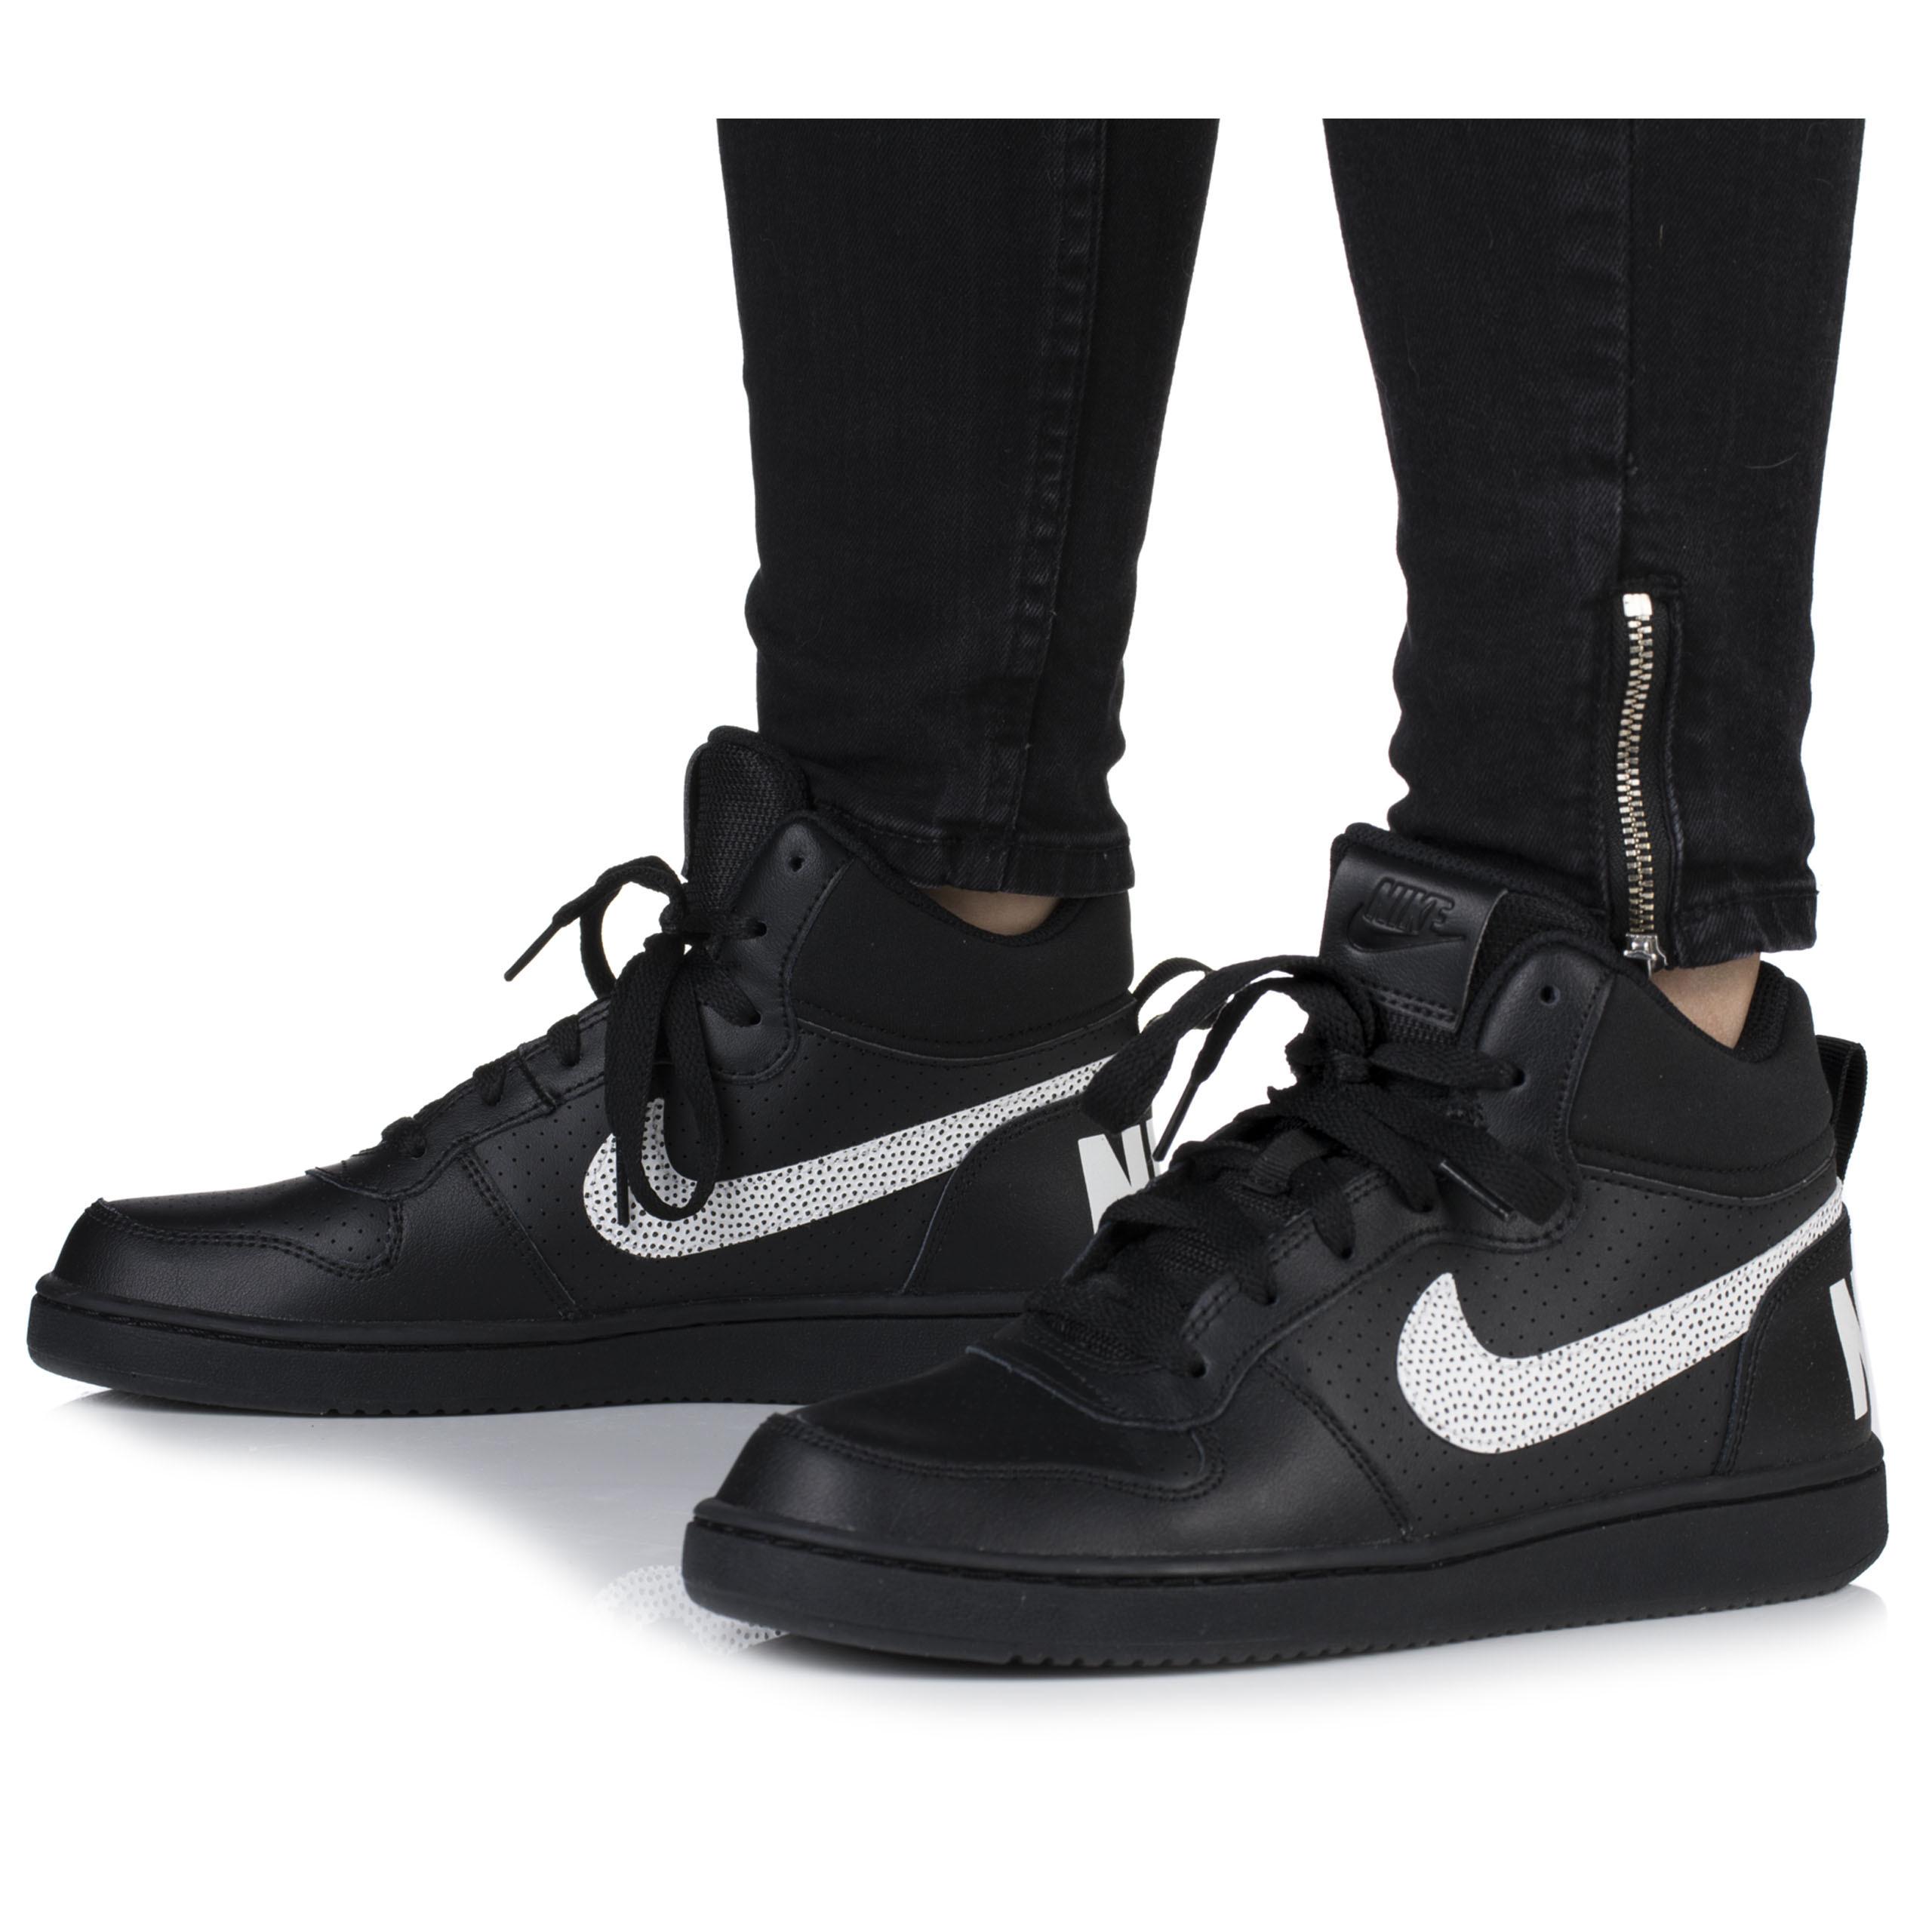 3a93ea35 Buty damskie Nike Court Borough czarne za kostkę - 7199816653 ...